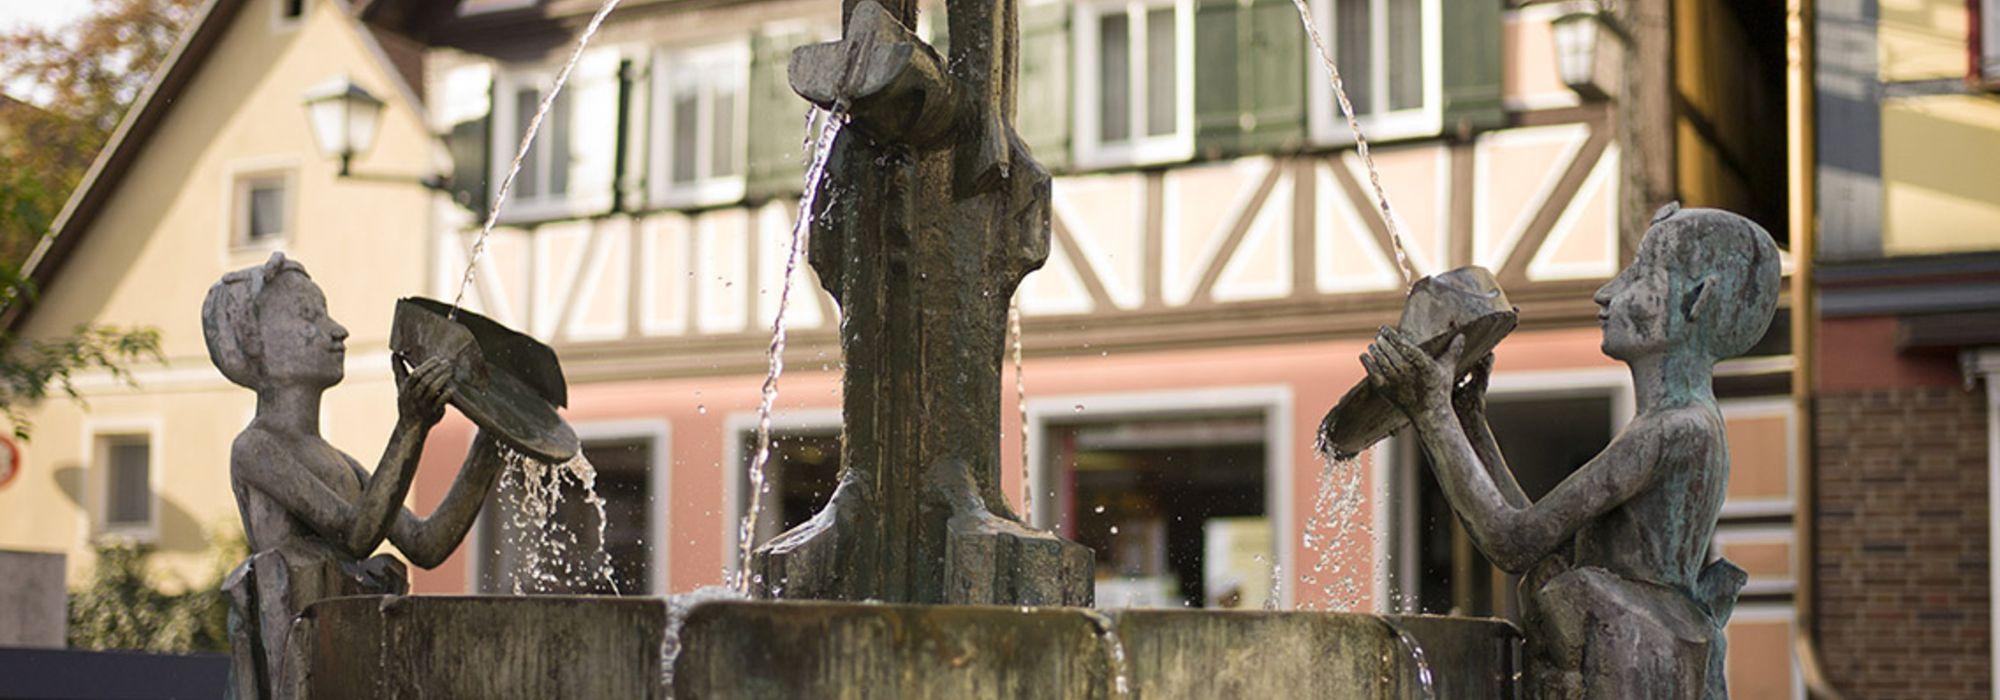 Full Size of Bad Windsheim Wellness Hotel Staffelstein Schimmel Im Hotels Mergentheim Vinylboden Badezimmer In Reichenhall Sooden Allendorf Dürrheim Planer Birnbach Orb An Bad Hotel Bad Windsheim